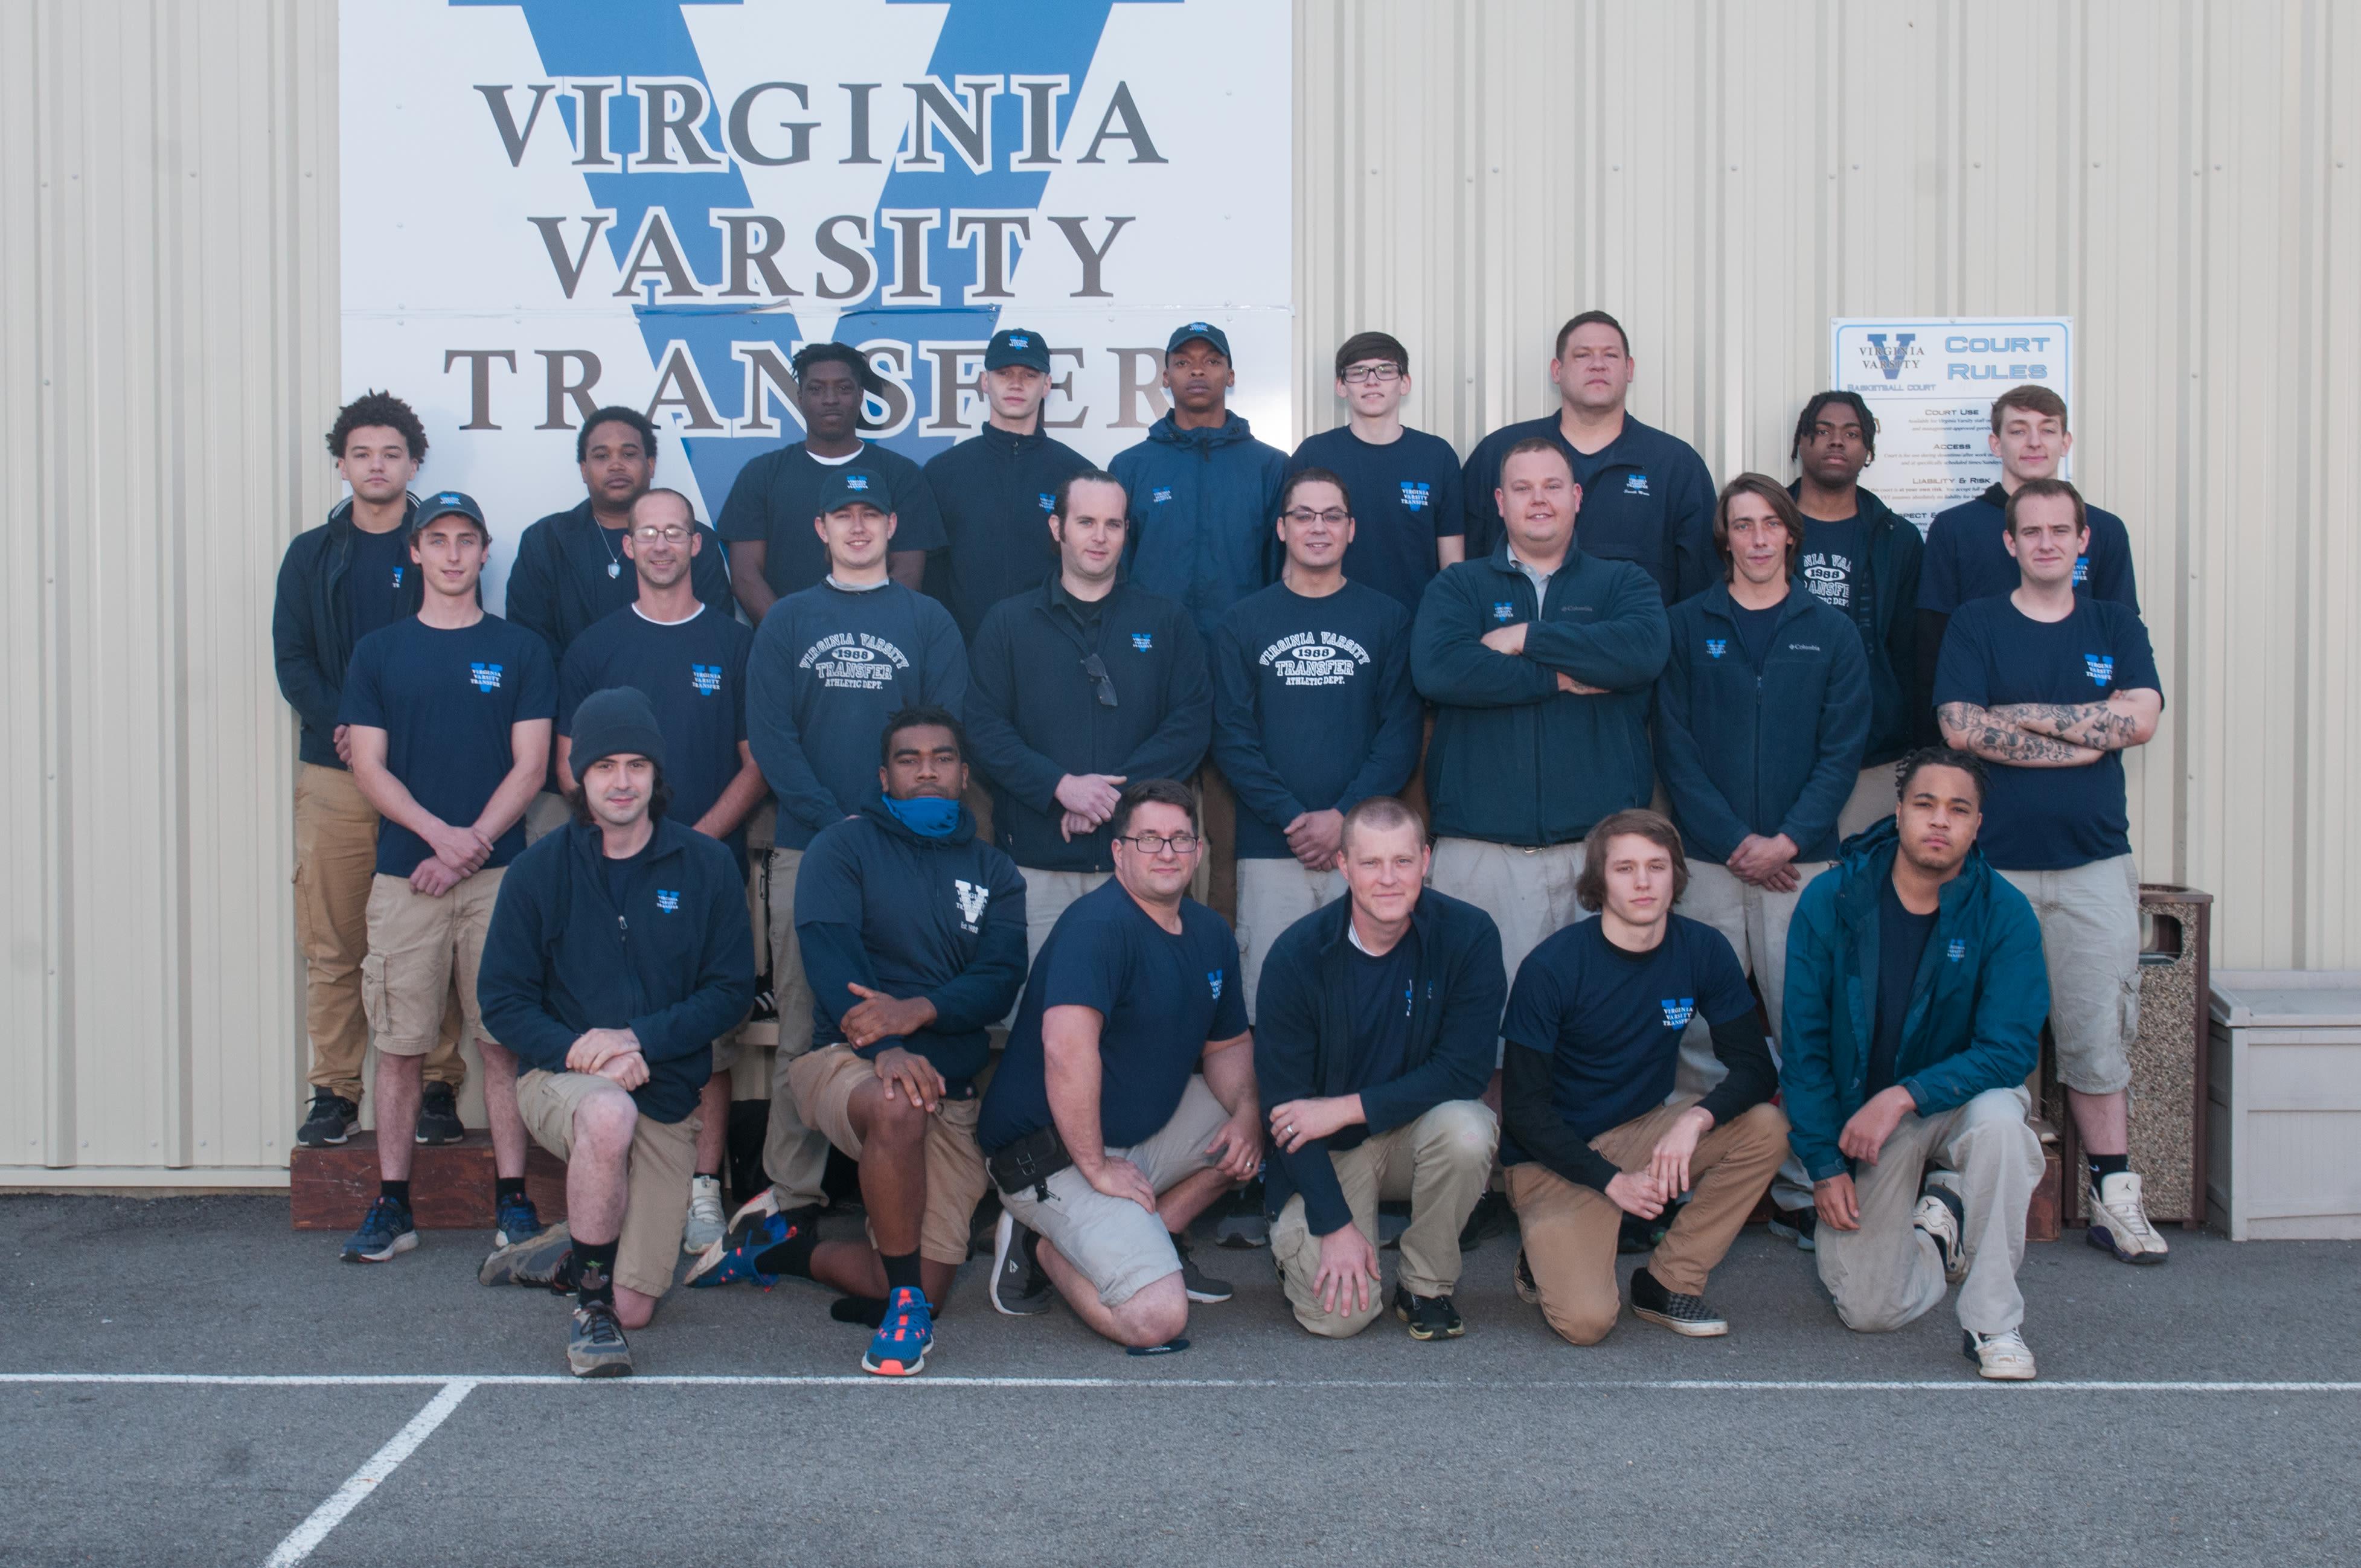 Self storage team at Virginia Varsity Transfer & Storage in Salem, Virginia